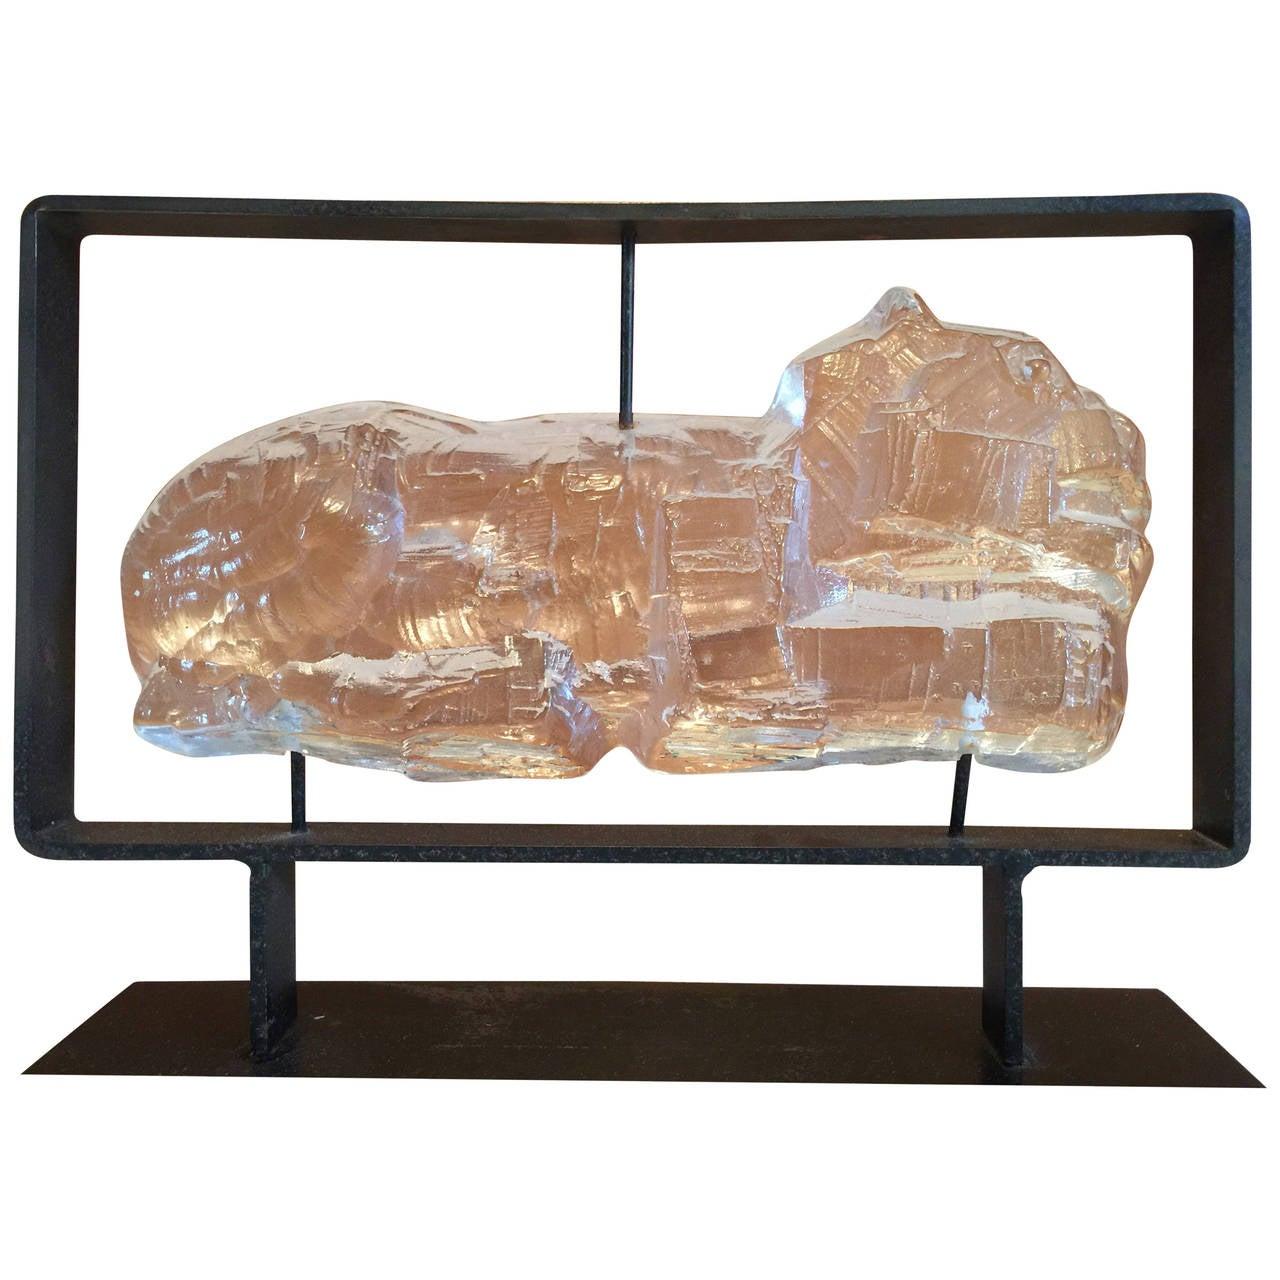 Erik höglund kosta boda glass sculpture in metal frame at